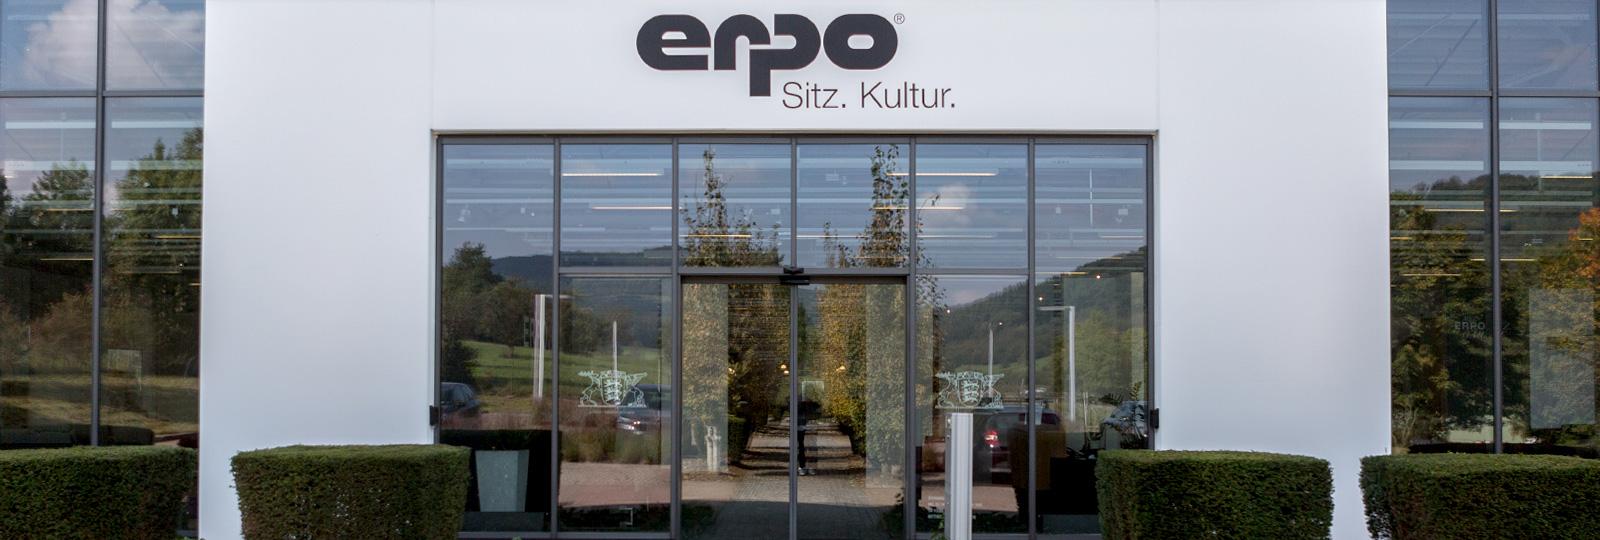 ERPO Polstermöbel: Standorte international